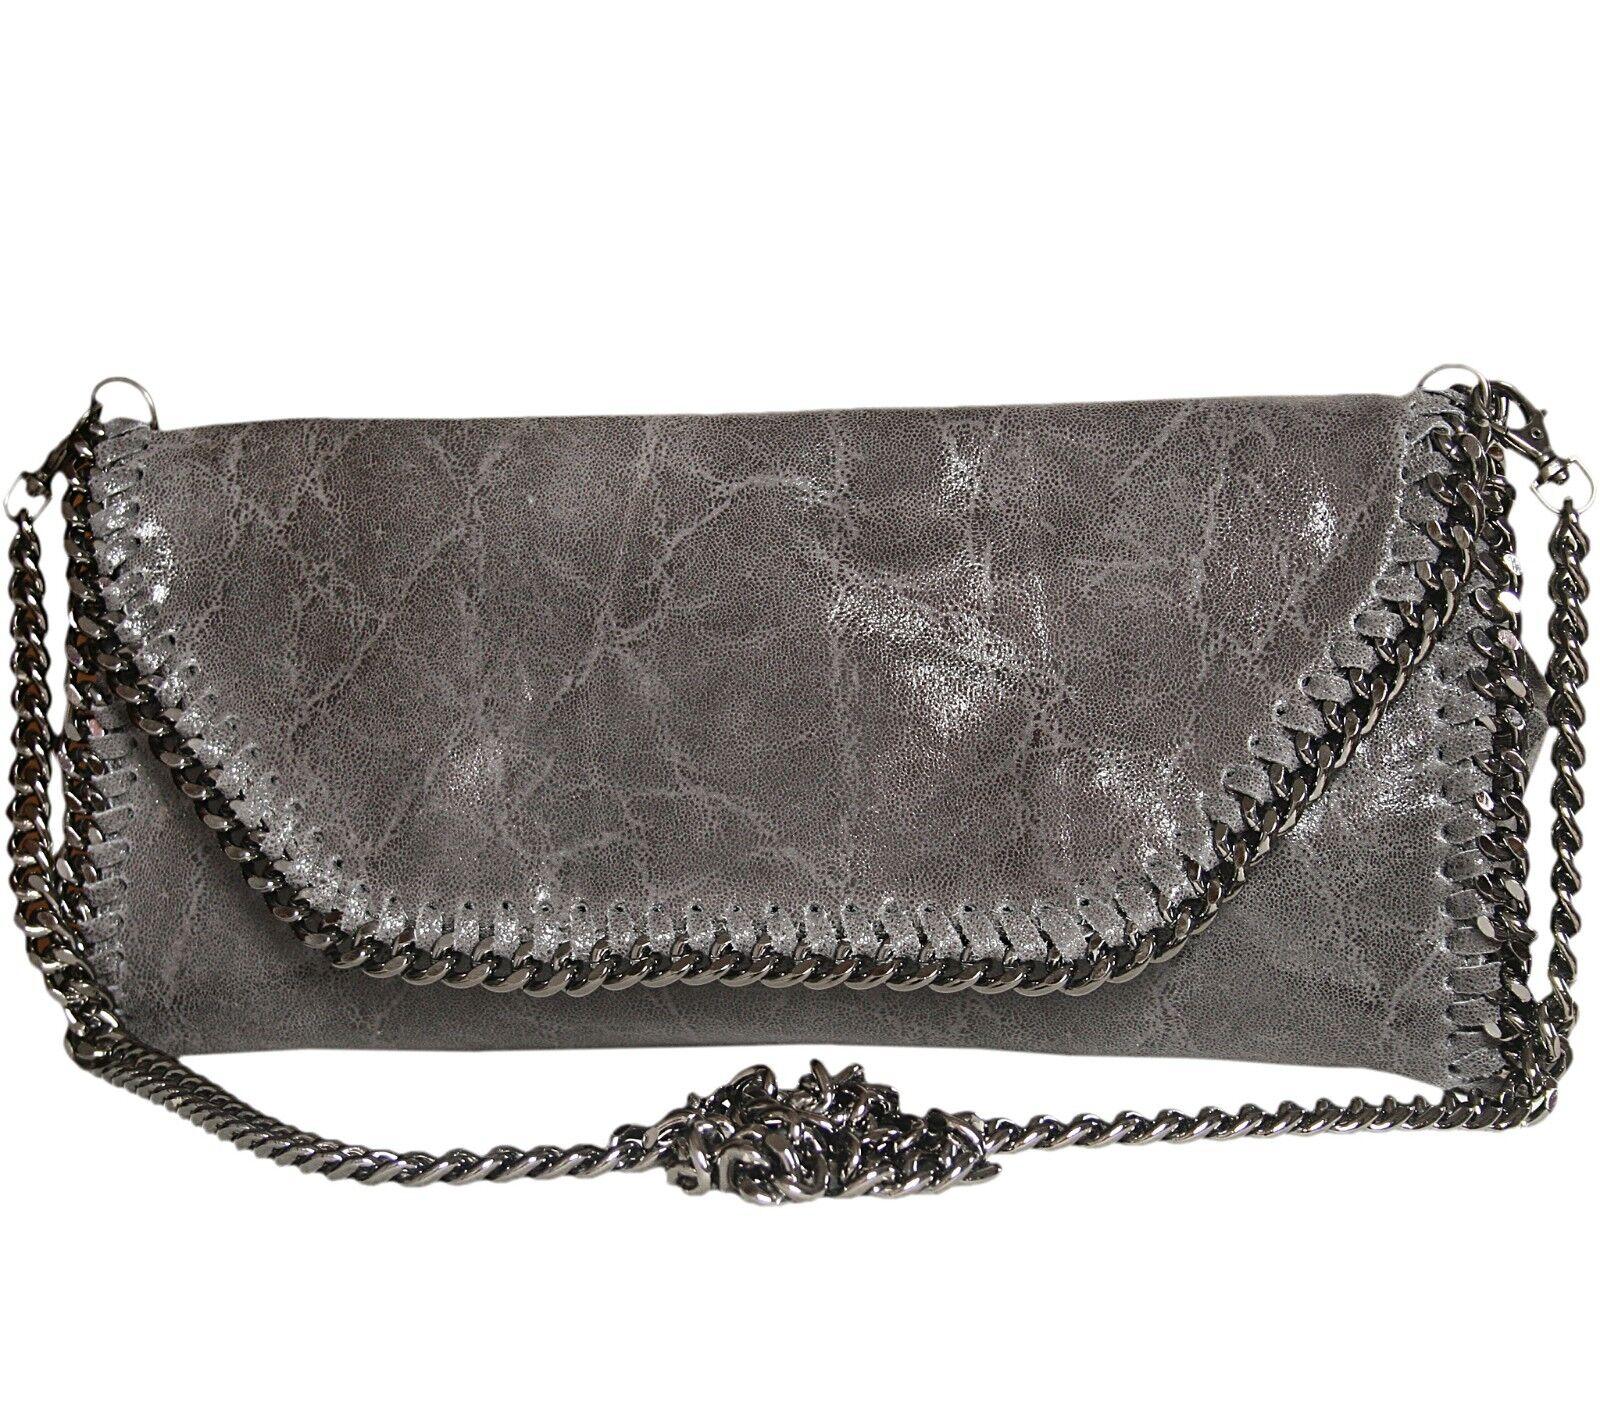 0fc417af24c27 Handtasche Handtasche Handtasche Abendtasche Leder Tasche Clutch weich Grau  Glitzer mit Kette verziert